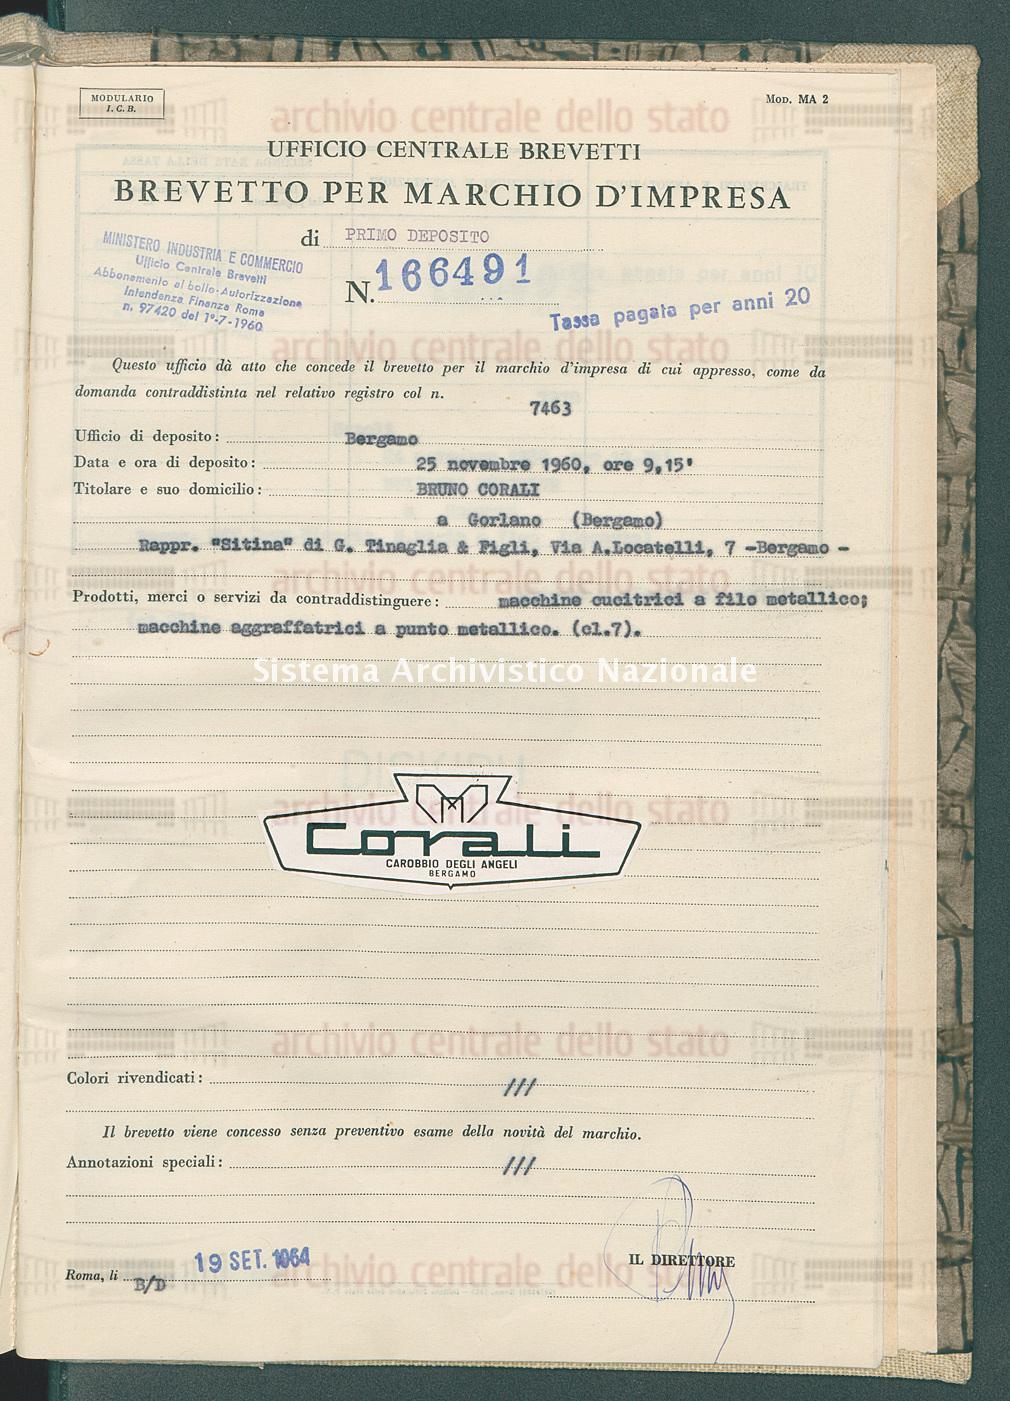 Macchine cucitrici a filo ecc. Bruno Corali (19/09/1964)